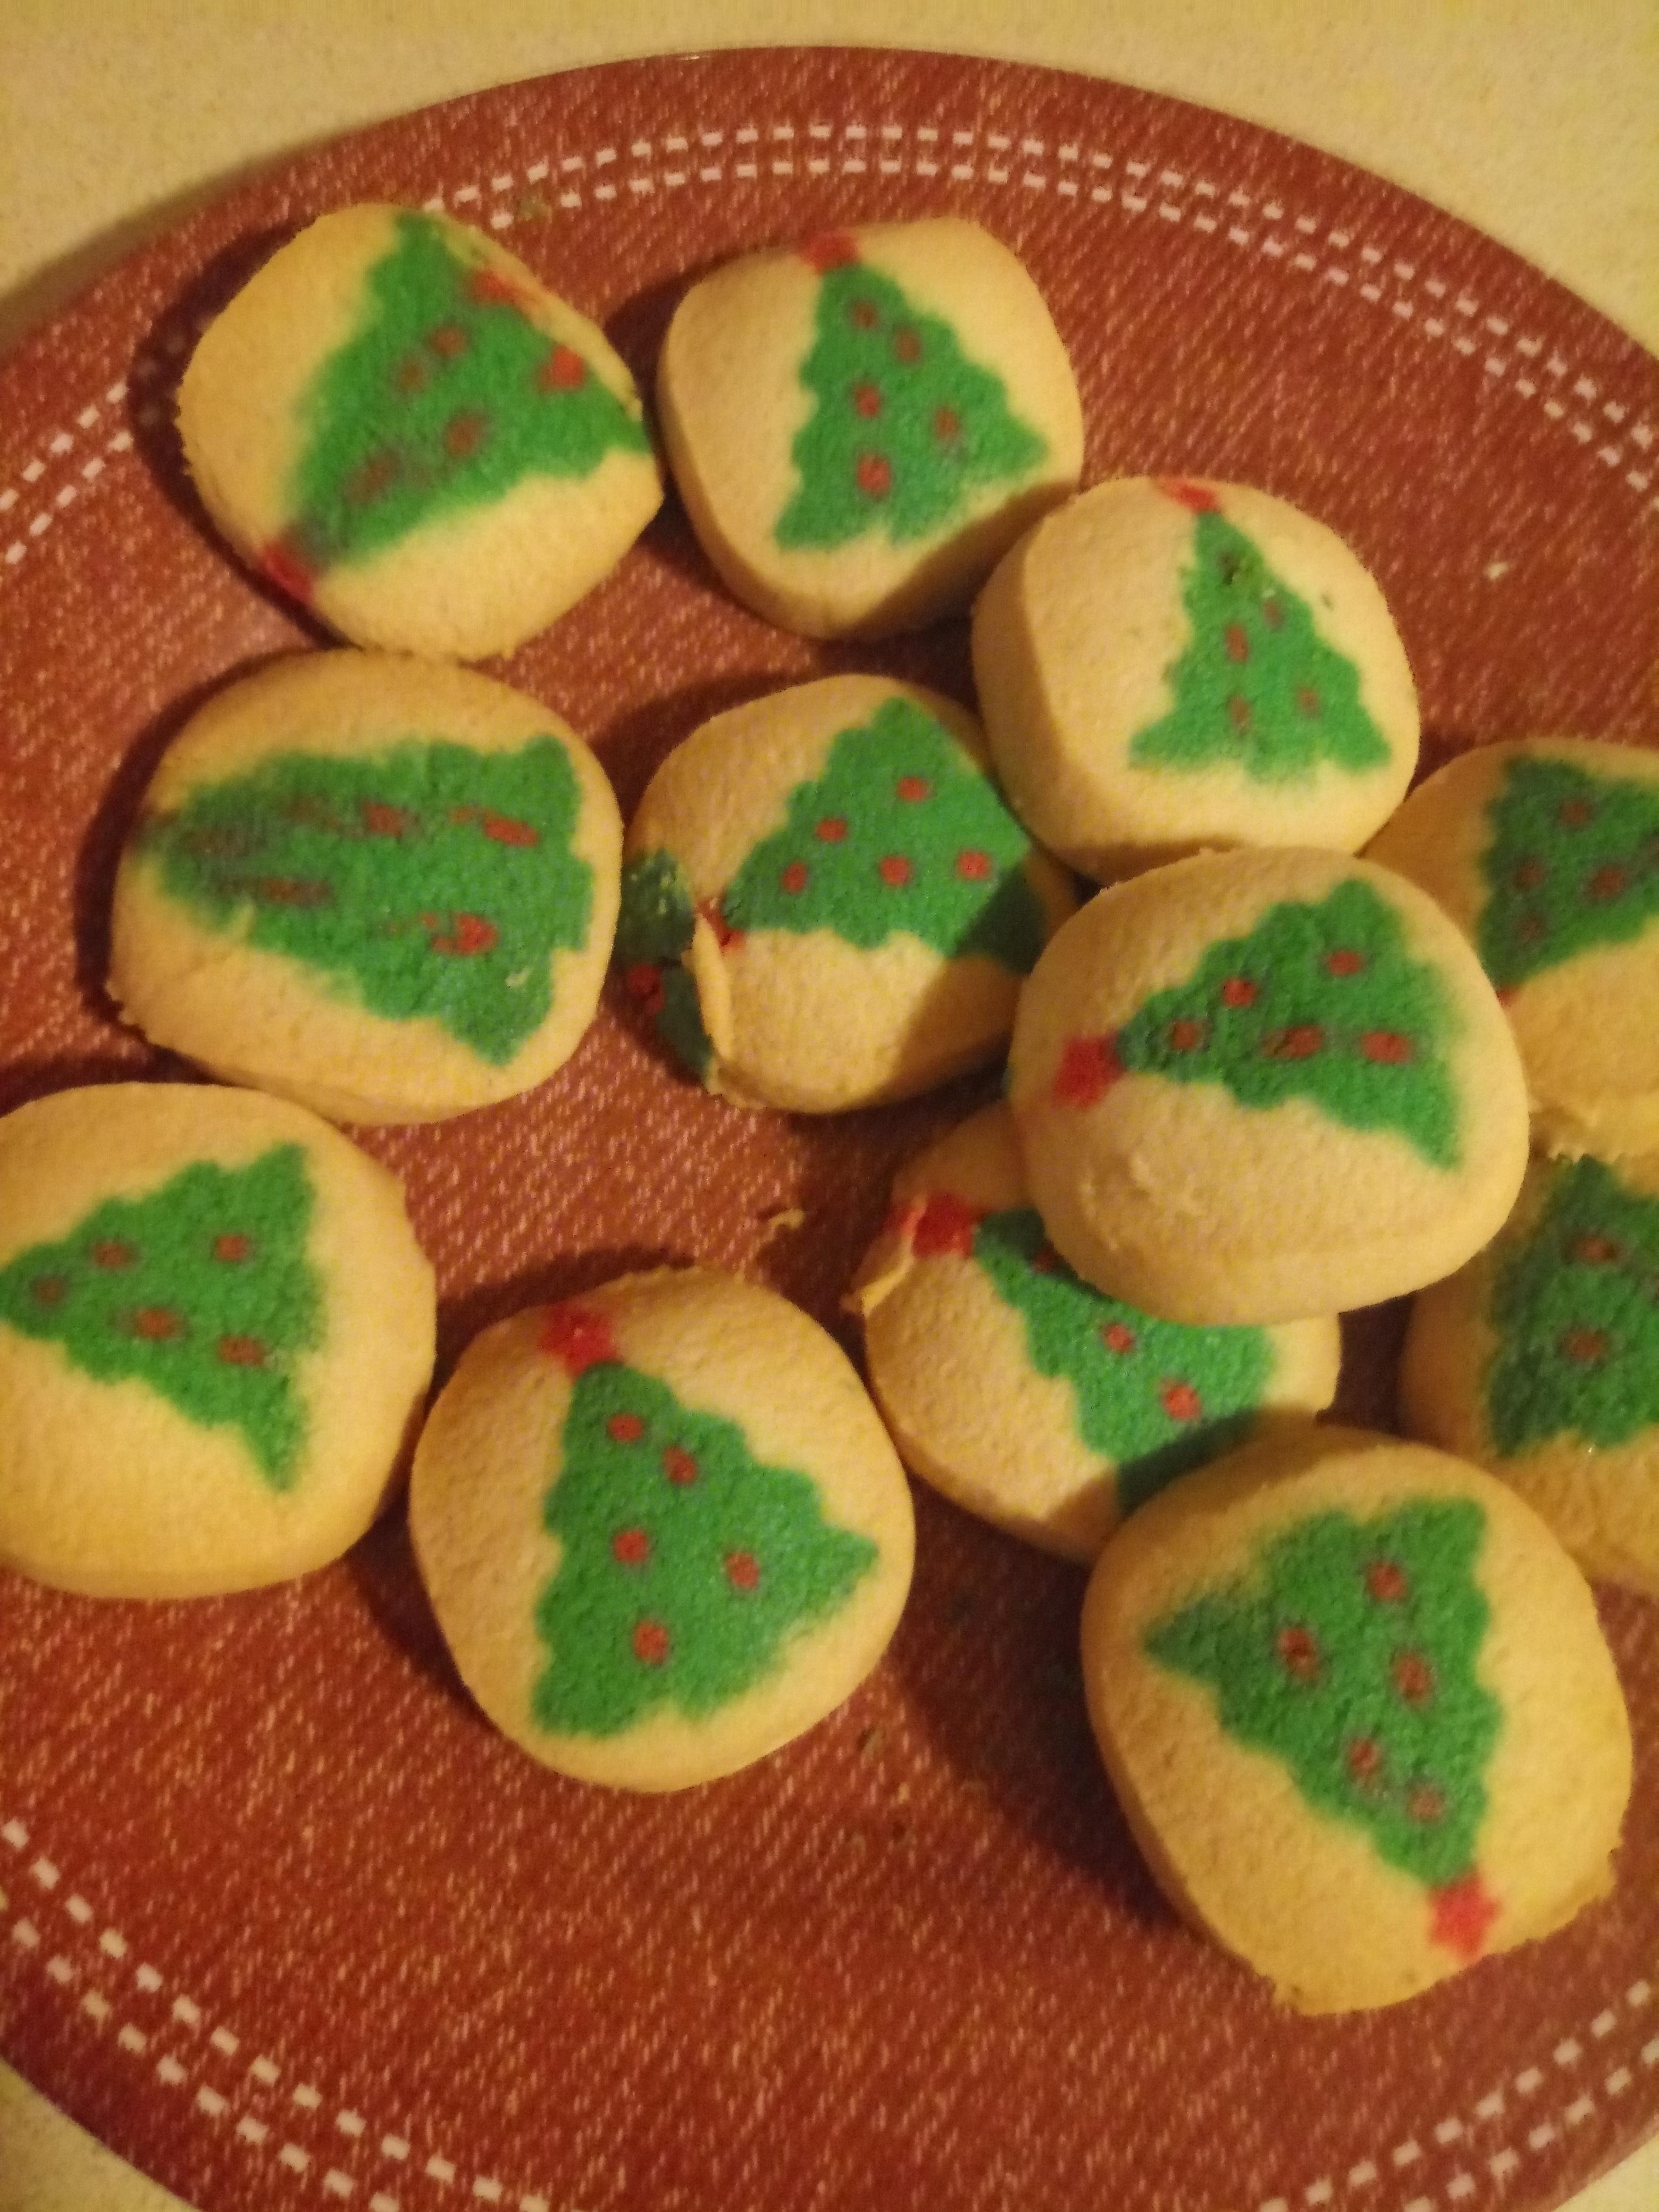 Pillsbury Christmas Cookies.Pillsbury Christmas Sugar Cookie Reviews In Cookies